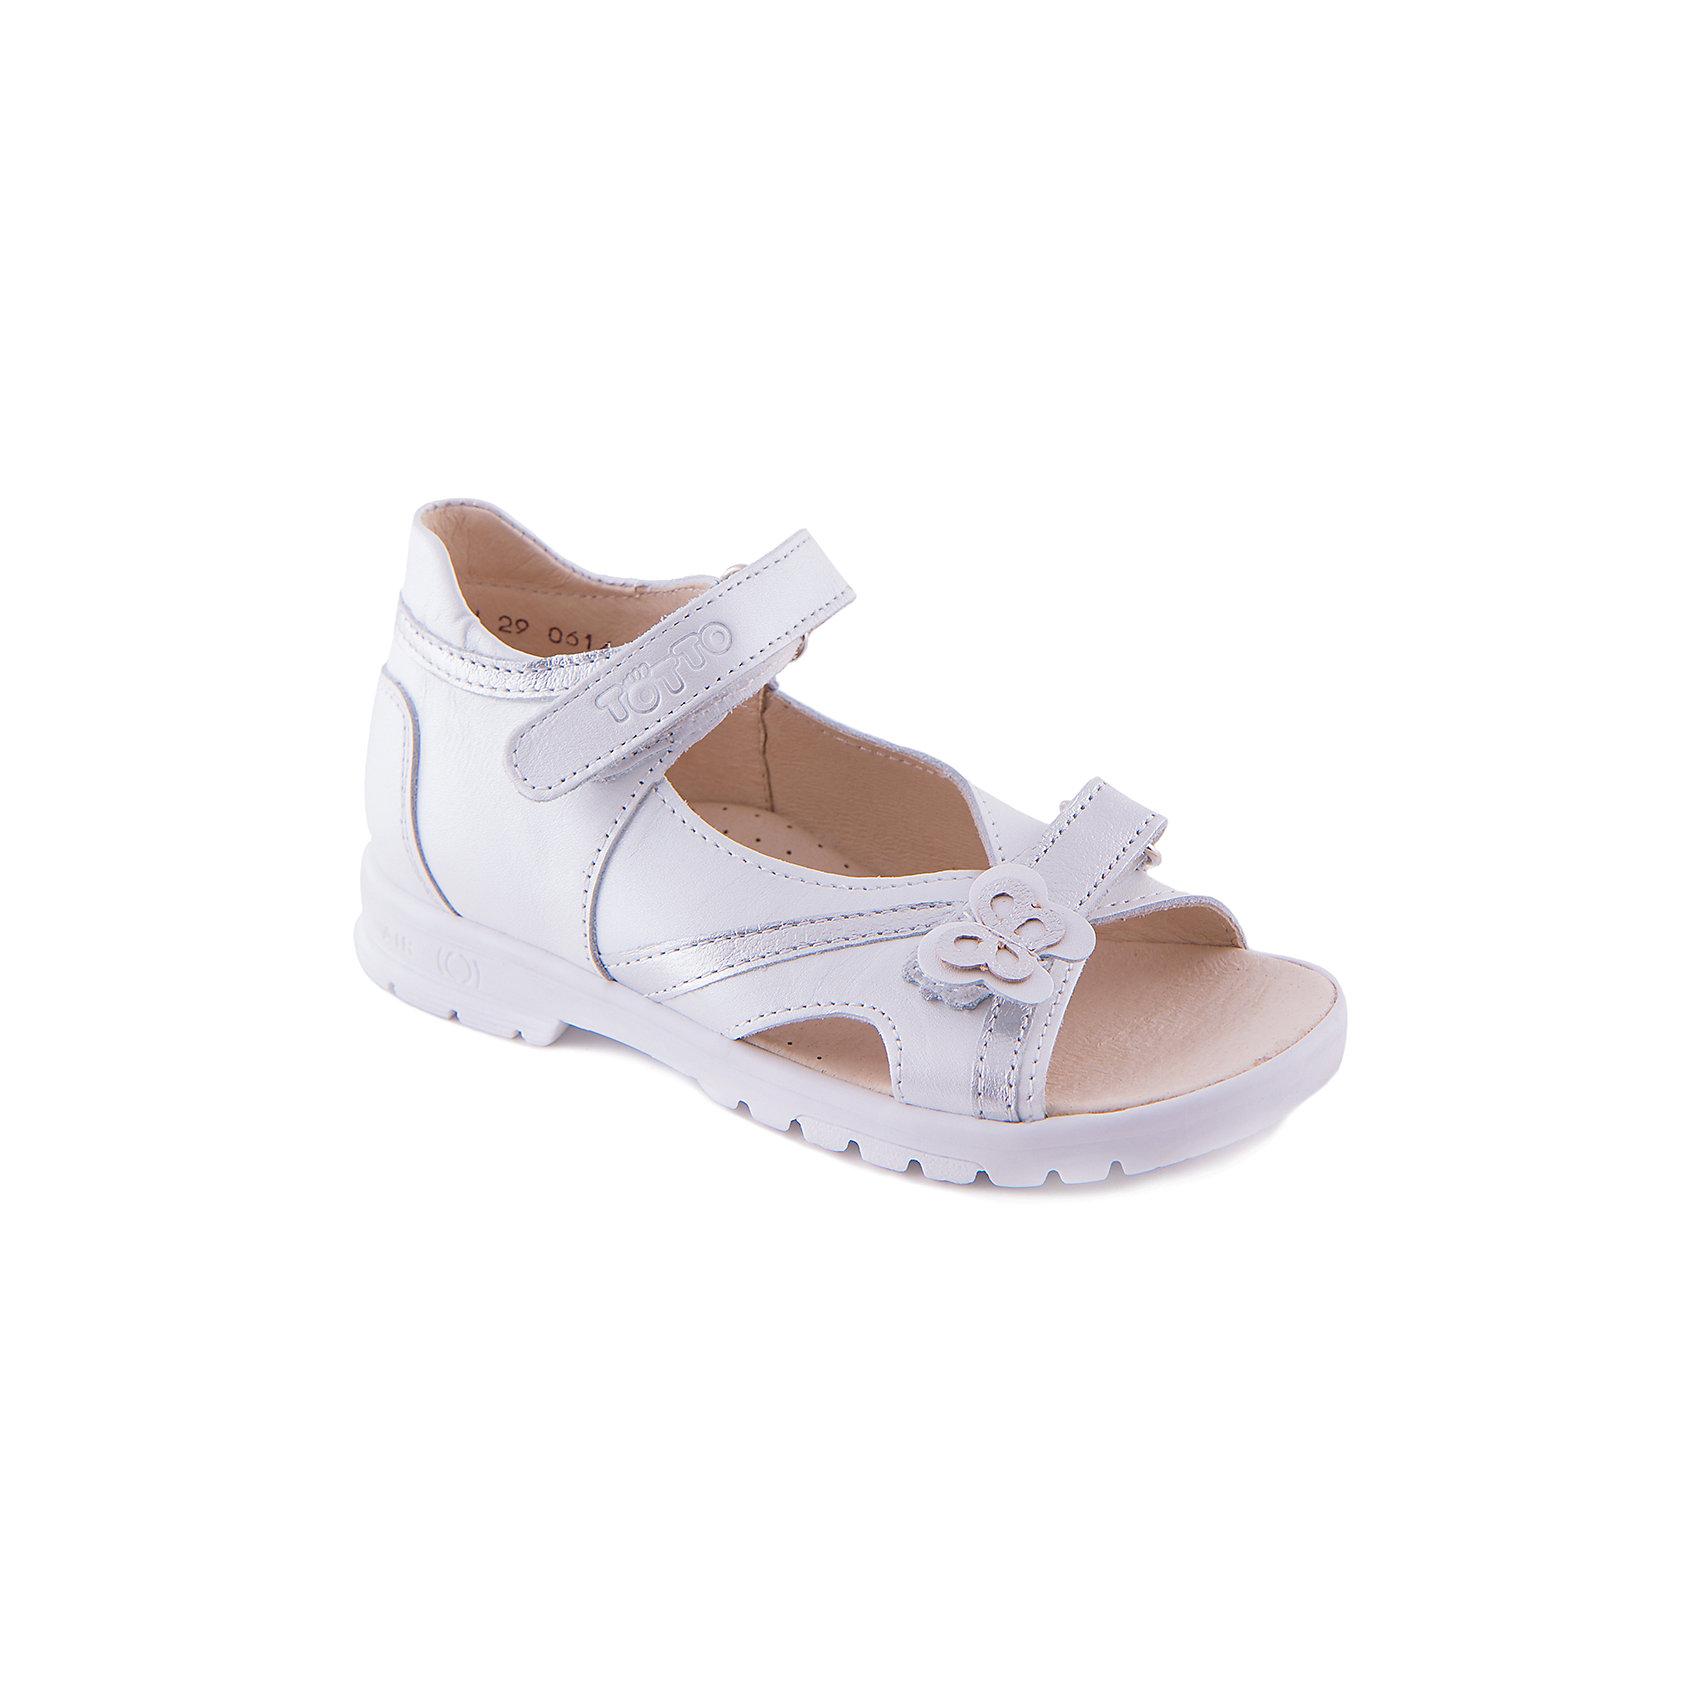 Сандалии для девочки ТоттоОртопедическая обувь<br>Сандалии для девочки от марки Тотто выполнены из натурально кожи, дополнены воздухопроницаемой ортопедической стелькой обеспечивающей комфорт и гигиеничность. Модель застегивается на липучки, декорирована вставками из серебряной кожи и небольшой кожаной бабочкой. Прекрасный вариант как для праздника, так и для повседневной носки.<br><br>Дополнительная информация:<br><br>- Тип застежки:  липучка.<br>- Декоративные элементы:  кожаные вставки, бабочка.<br>- Стелька с супинатором.<br>- Рифленая подошва.<br>Параметры для размера 27<br>- Толщина подошвы: 1 см<br>- Высота каблука: 2 см.<br>- Длина стопы: 16,5 см.<br>Состав:<br>верх - натуральная кожа,<br>подкладка - натуральная кожа,<br>подошва - термоэластопласт.<br><br>Сандалии для девочки Тотто можно купить в нашем магазине.<br><br>Ширина мм: 219<br>Глубина мм: 154<br>Высота мм: 121<br>Вес г: 343<br>Цвет: белый<br>Возраст от месяцев: 60<br>Возраст до месяцев: 72<br>Пол: Женский<br>Возраст: Детский<br>Размер: 29,27,30,28<br>SKU: 4233161